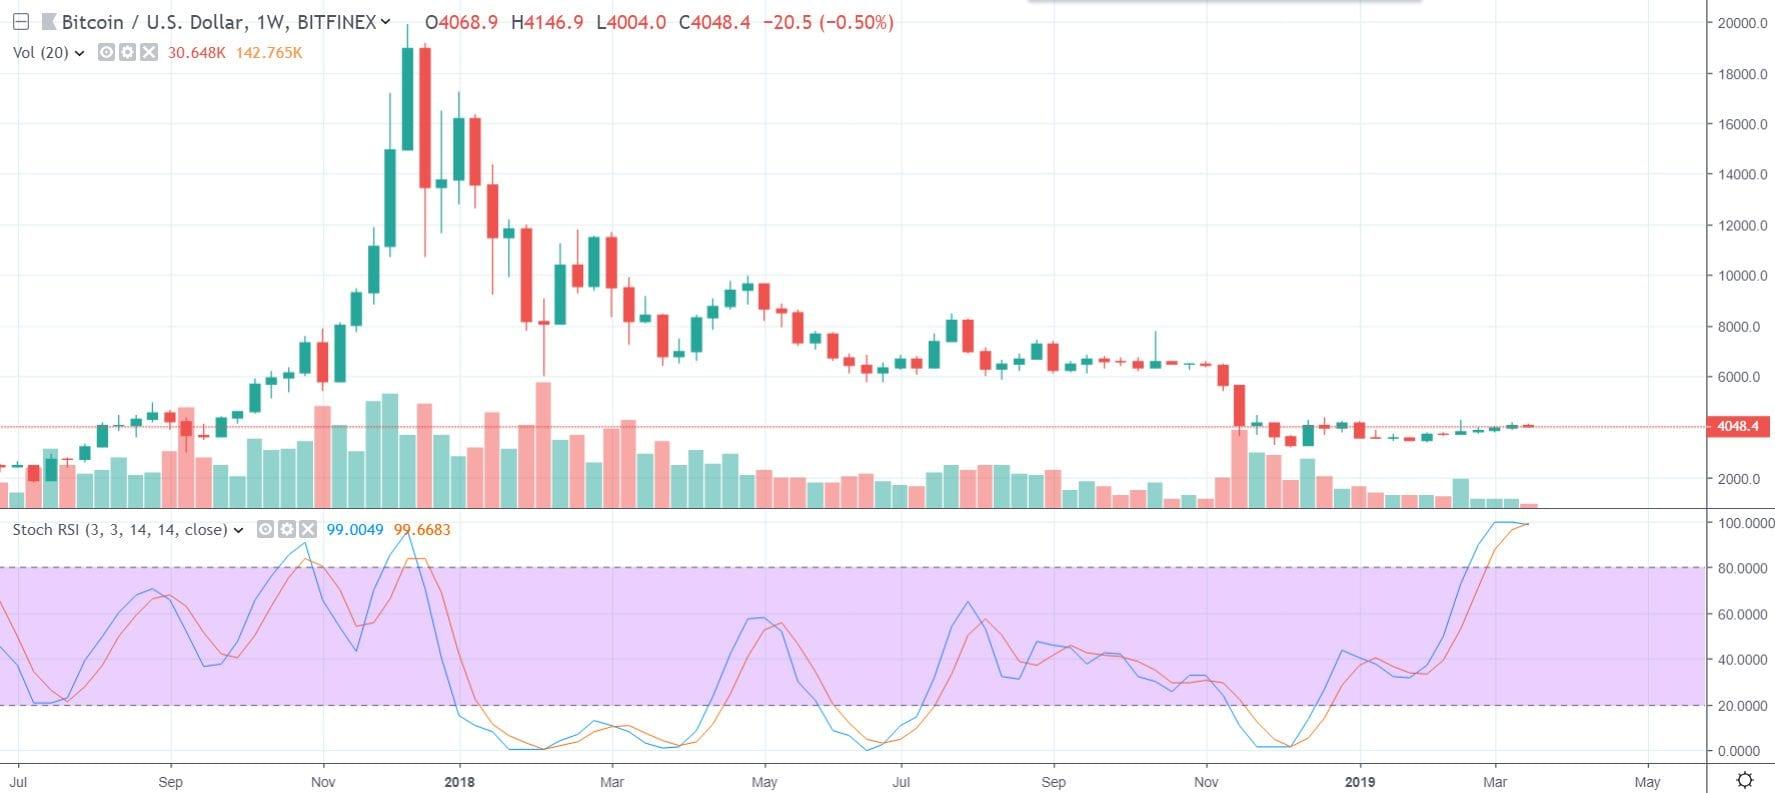 1W BTC/USD - Bitfinex